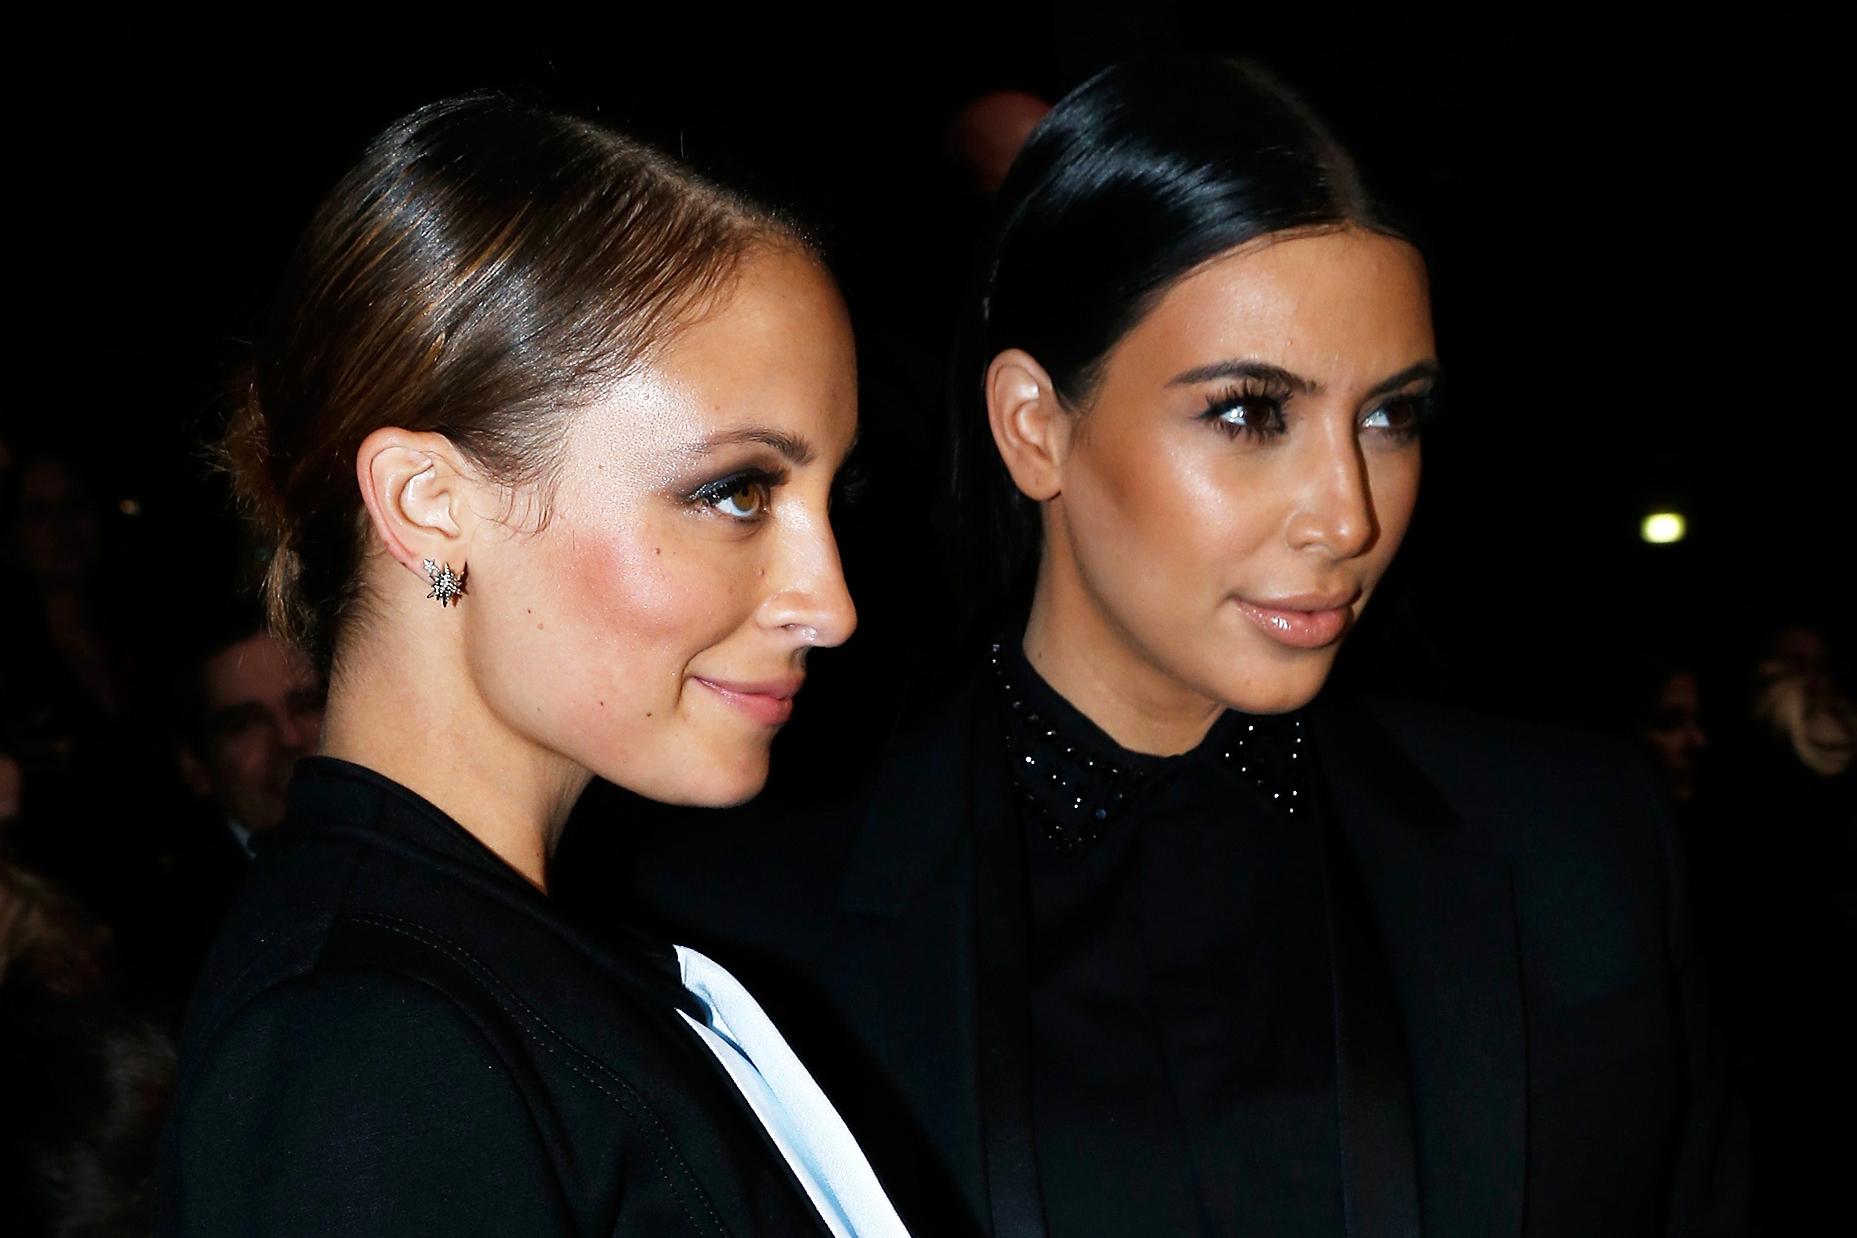 Nicole Richie and Kim Kardashian